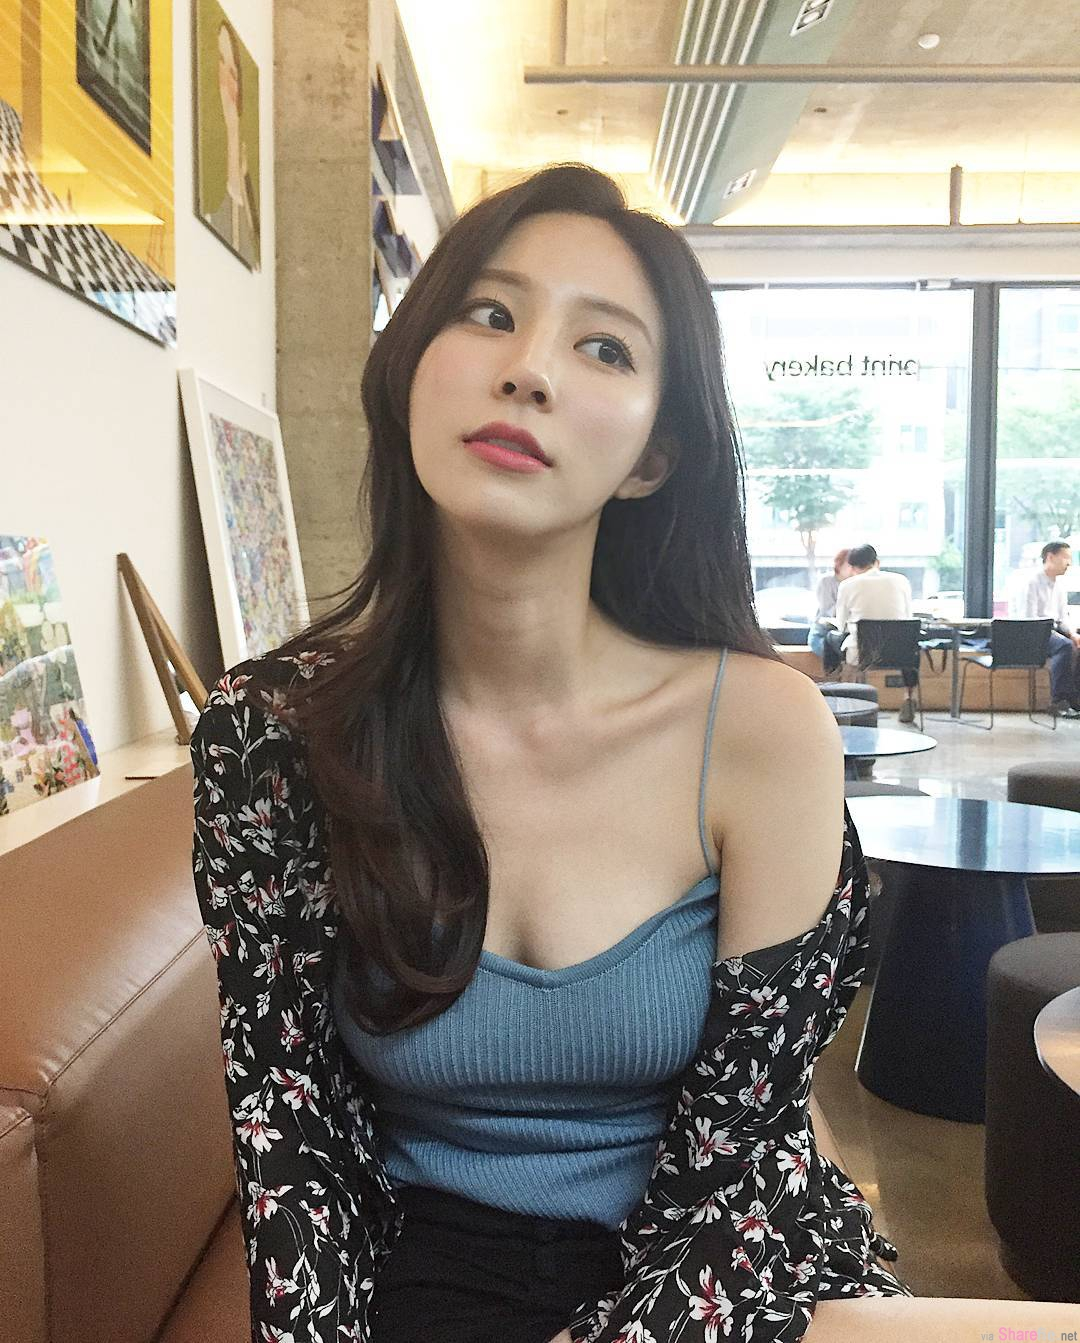 韩国正妹脸蛋超迷人,要胸有胸,要翘臀有翘臀